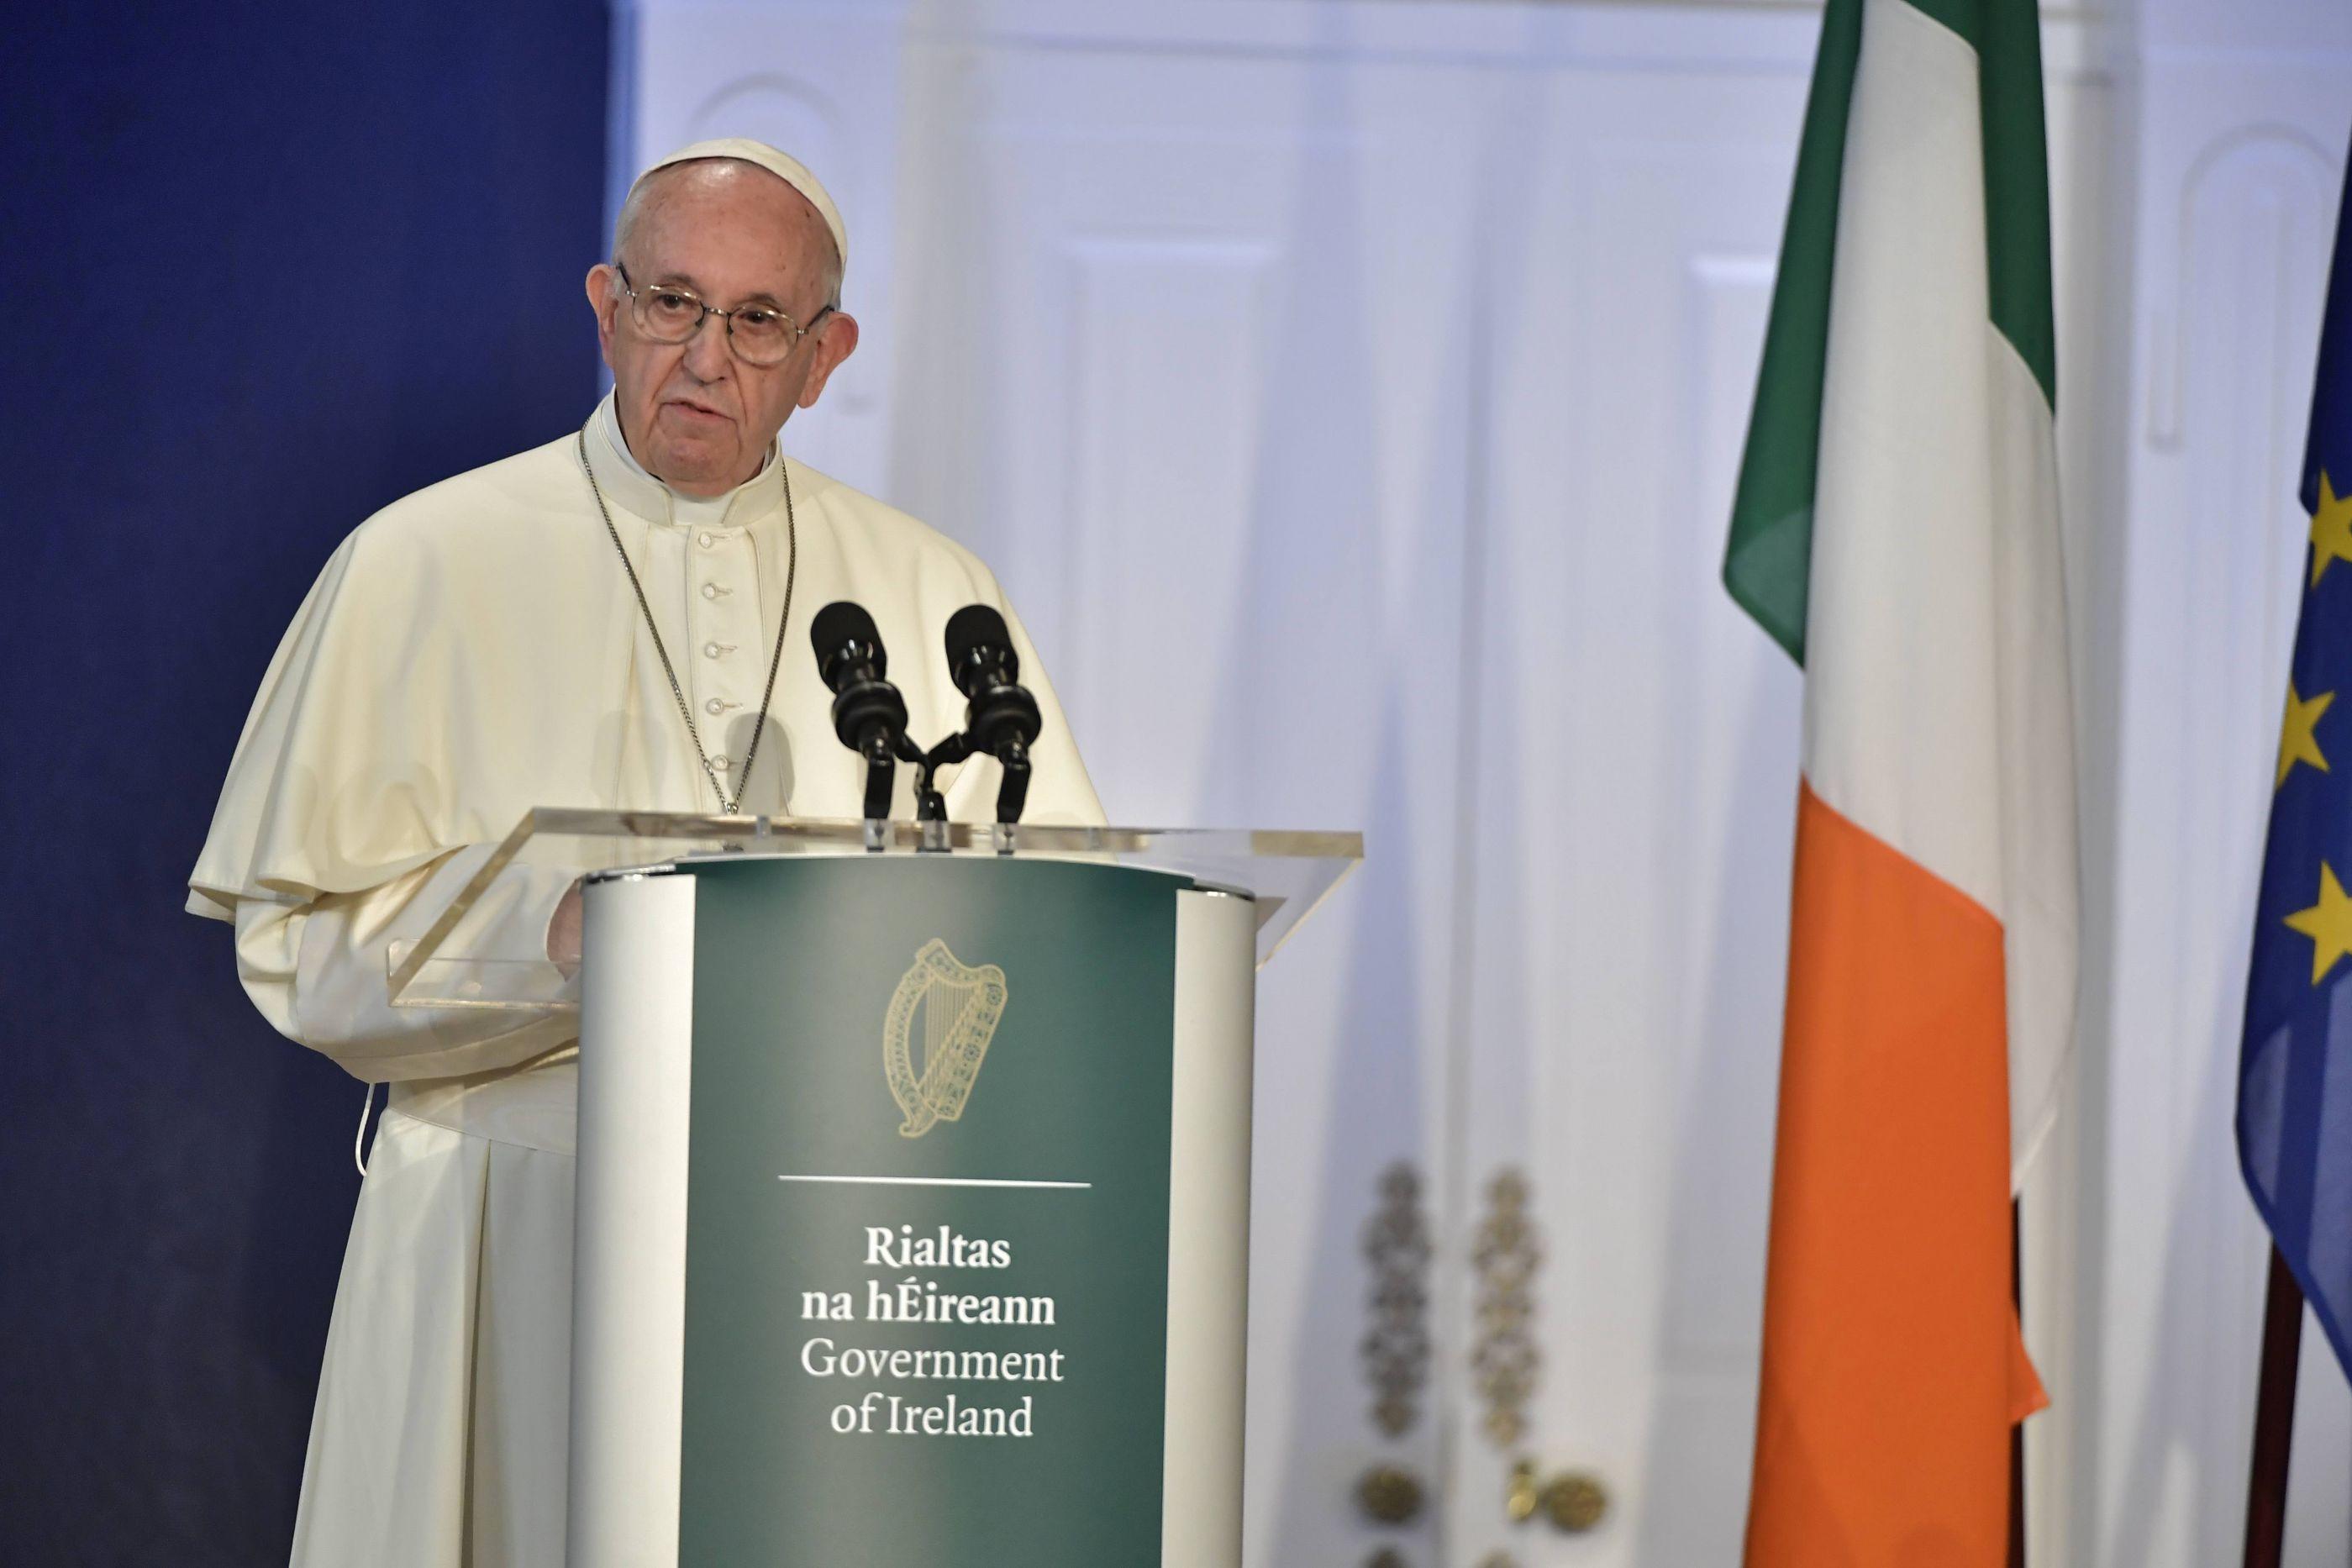 Papa lamenta no Vaticano resposta da Irlanda a abusos sexuais